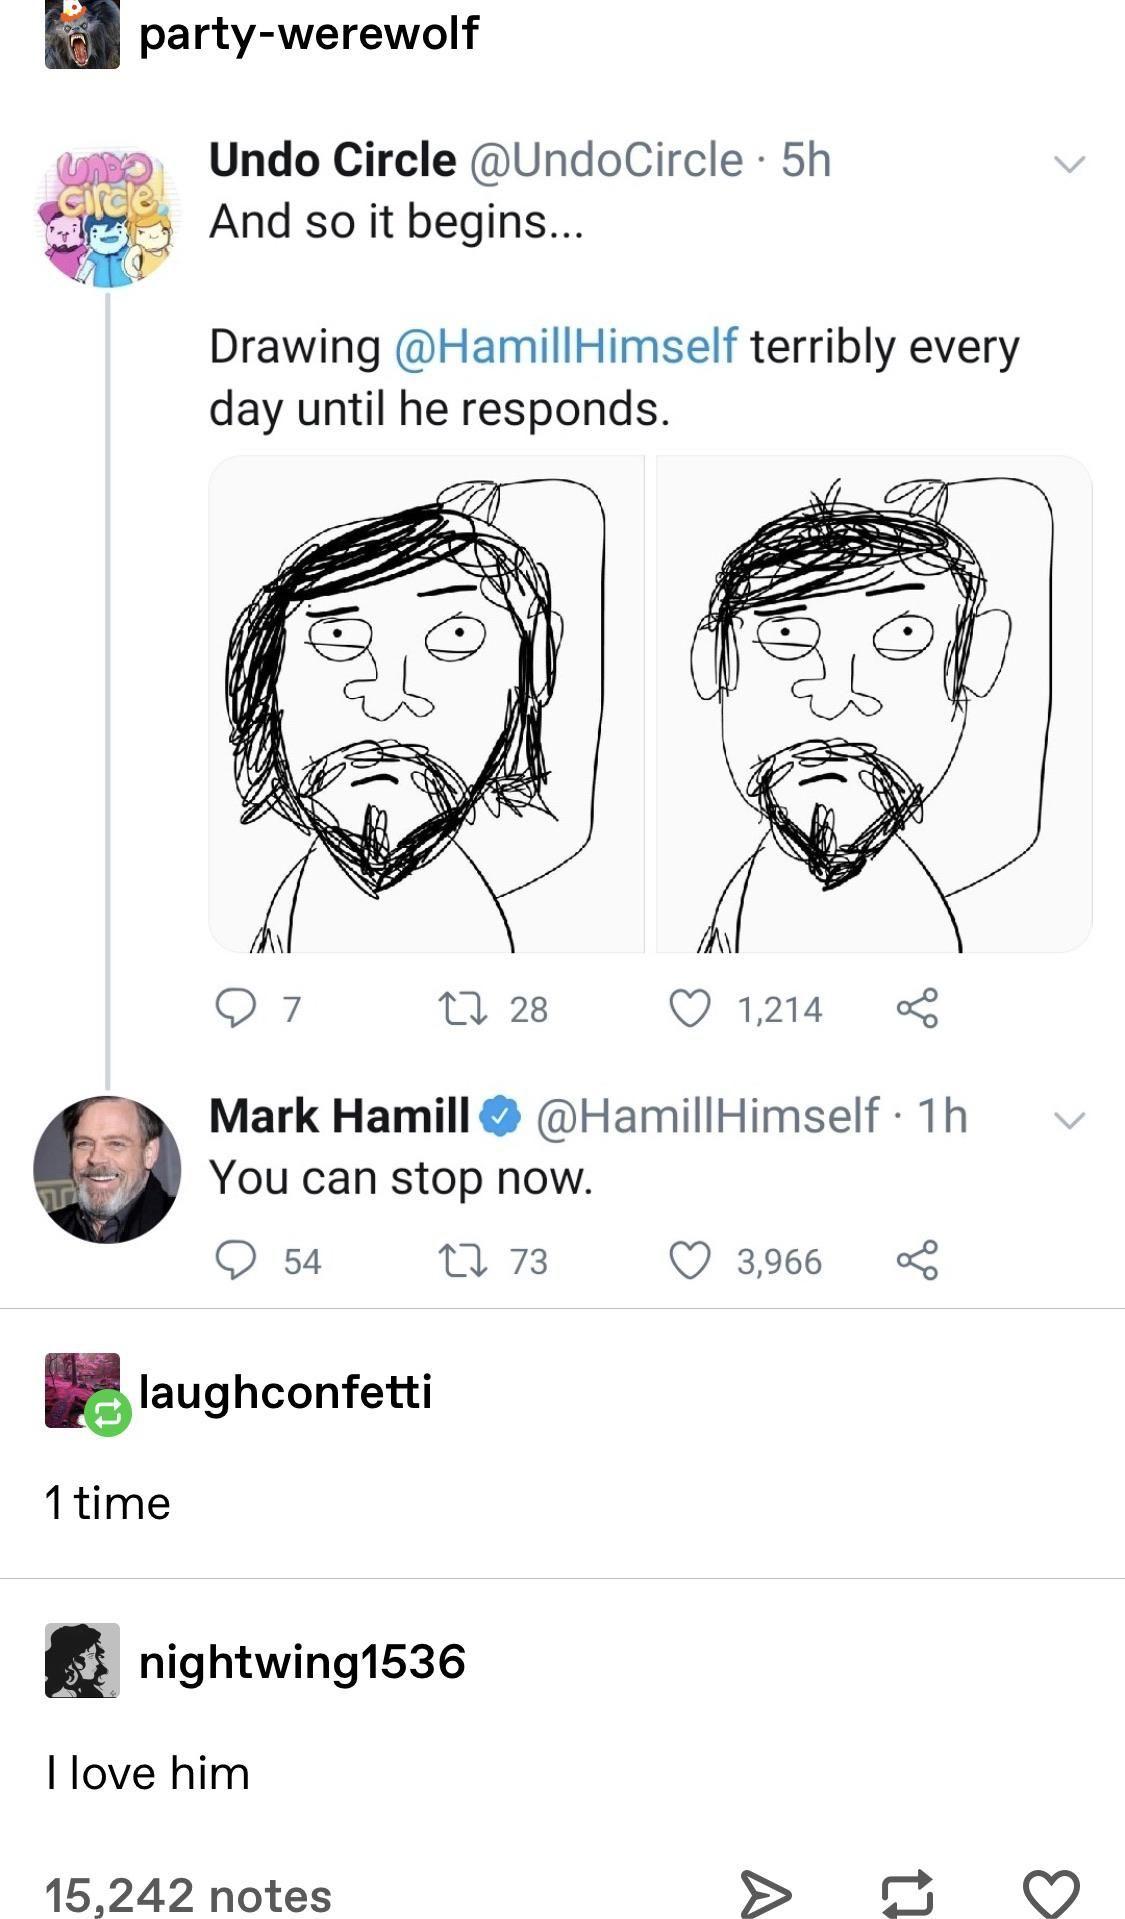 Mark Hamill appreciation post